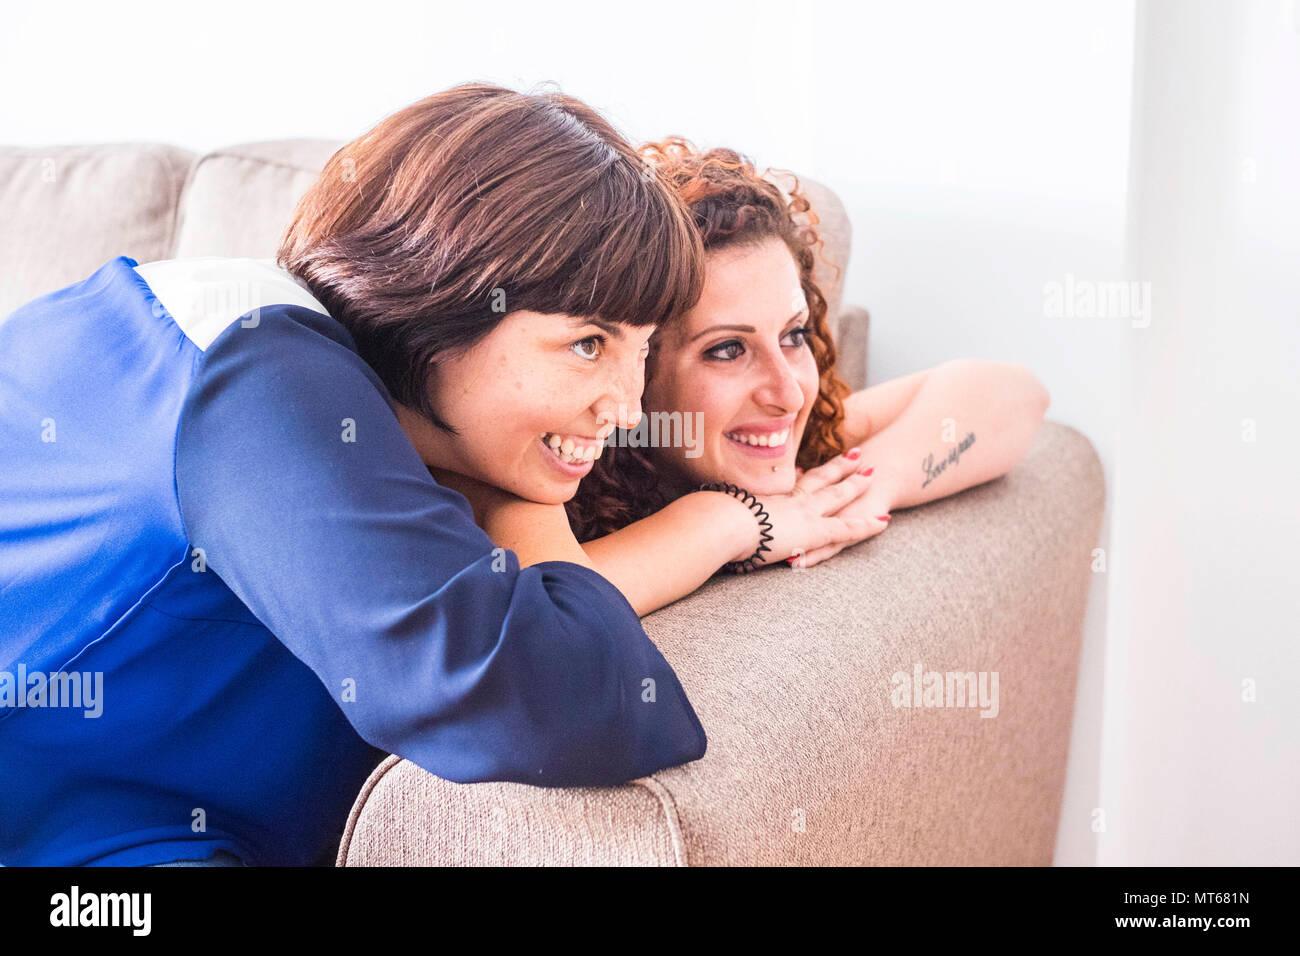 Paar od zwei Frauen Freunde nahe zusammen auf dem Sofa lächeln und Spaß. Freundschaft oder Beziehung zu Hause indoor mit schönen Lebensstil so bleiben Stockbild